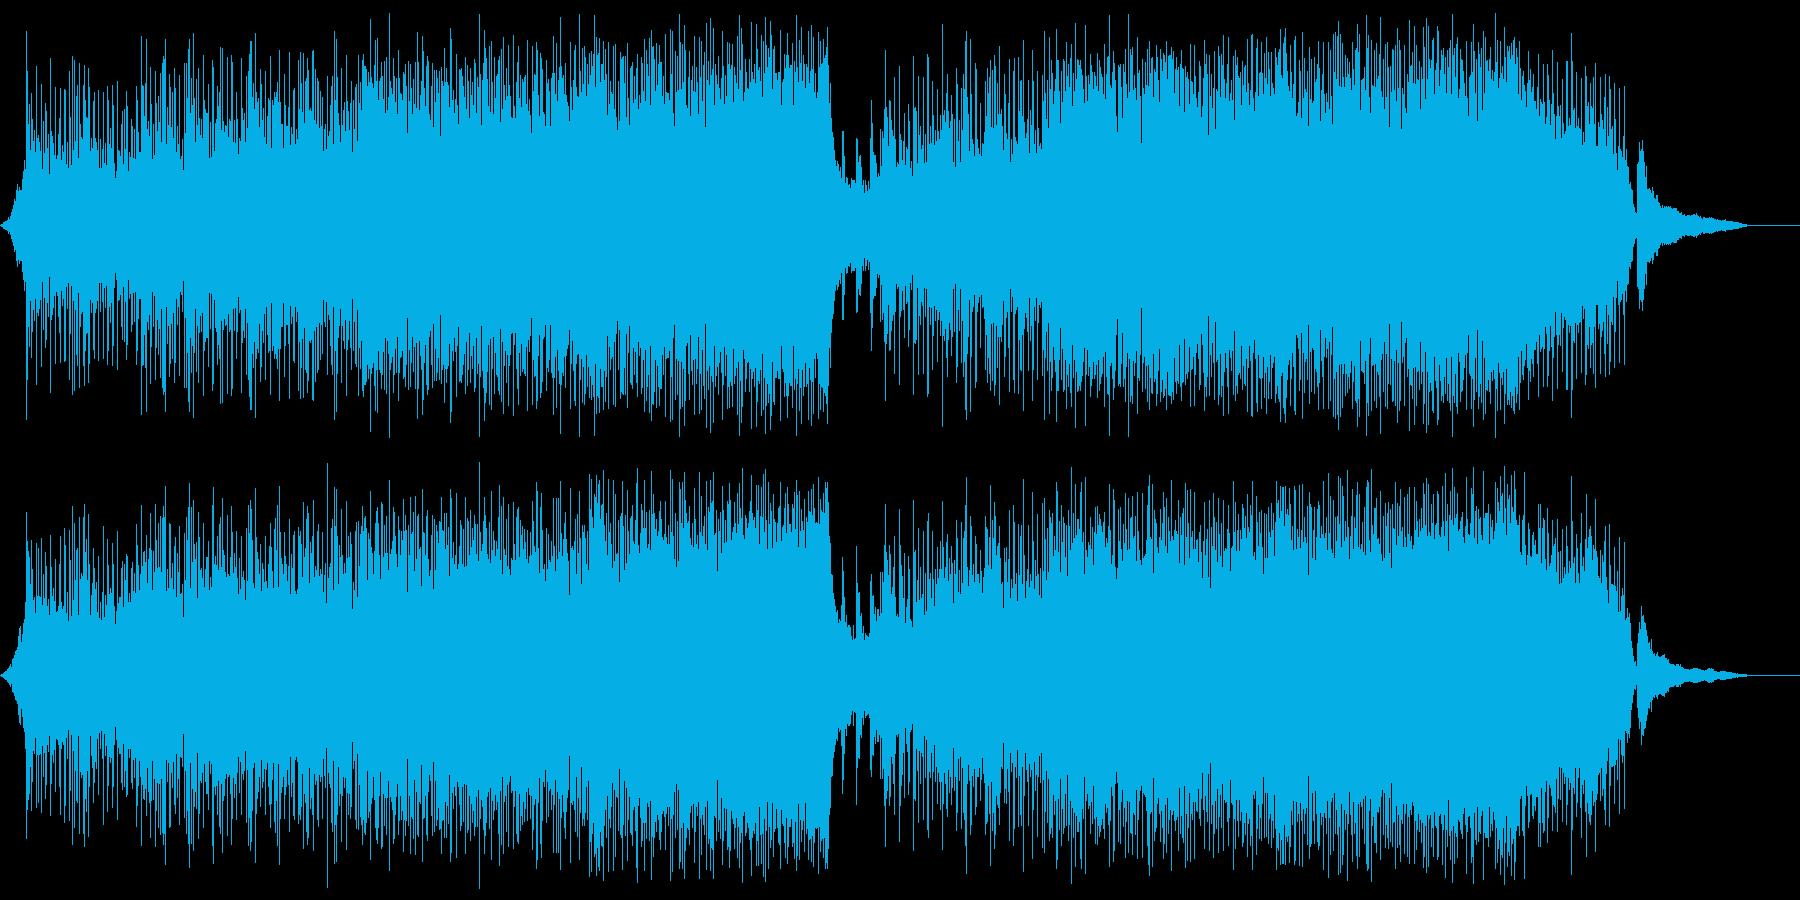 爽快に駆け抜けるシンフォニックロック2の再生済みの波形